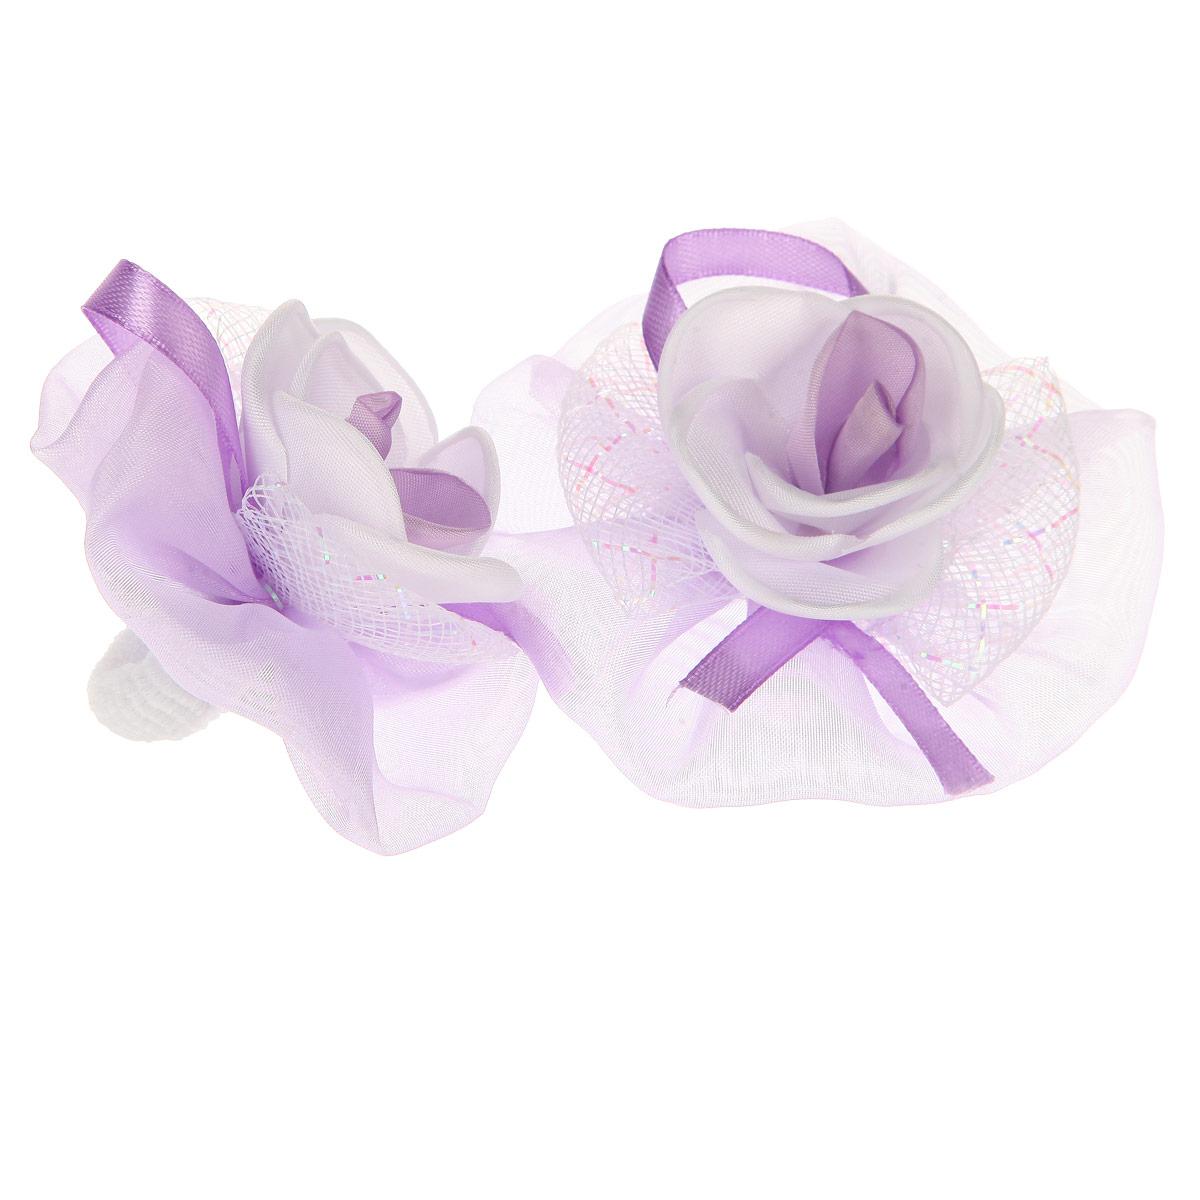 Набор резинок для волос 'Baby's Joy', цвет: фиолетовый, белый. AL 970